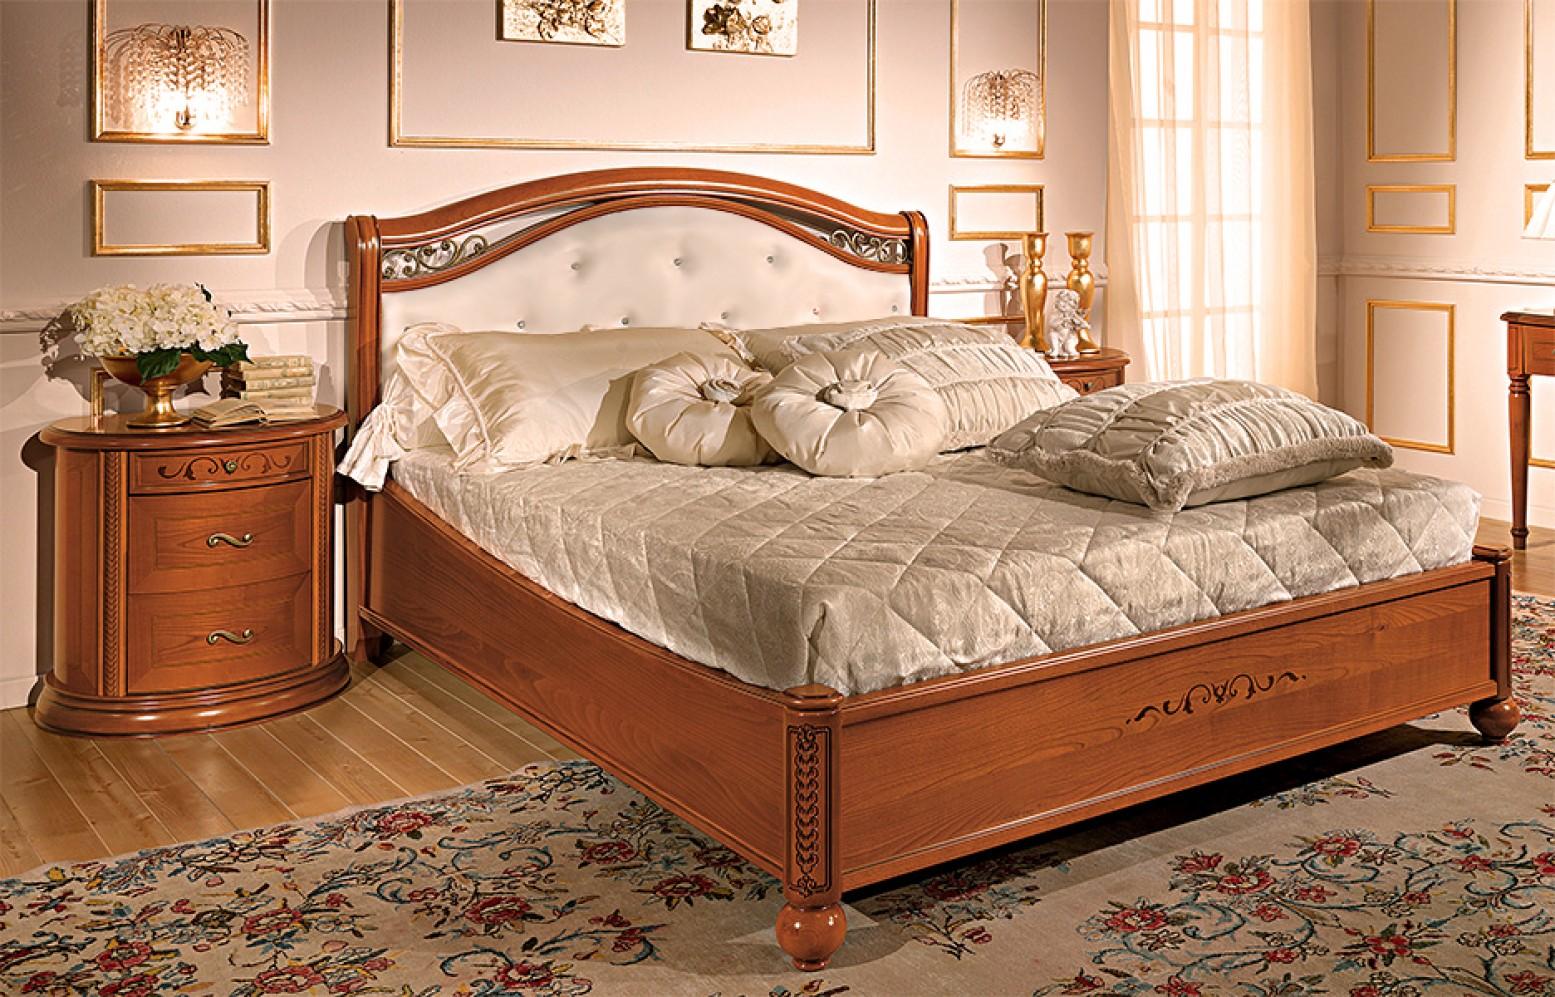 Siena Pelle Euro King Size Bedroom Set W Platform Walnut Buy